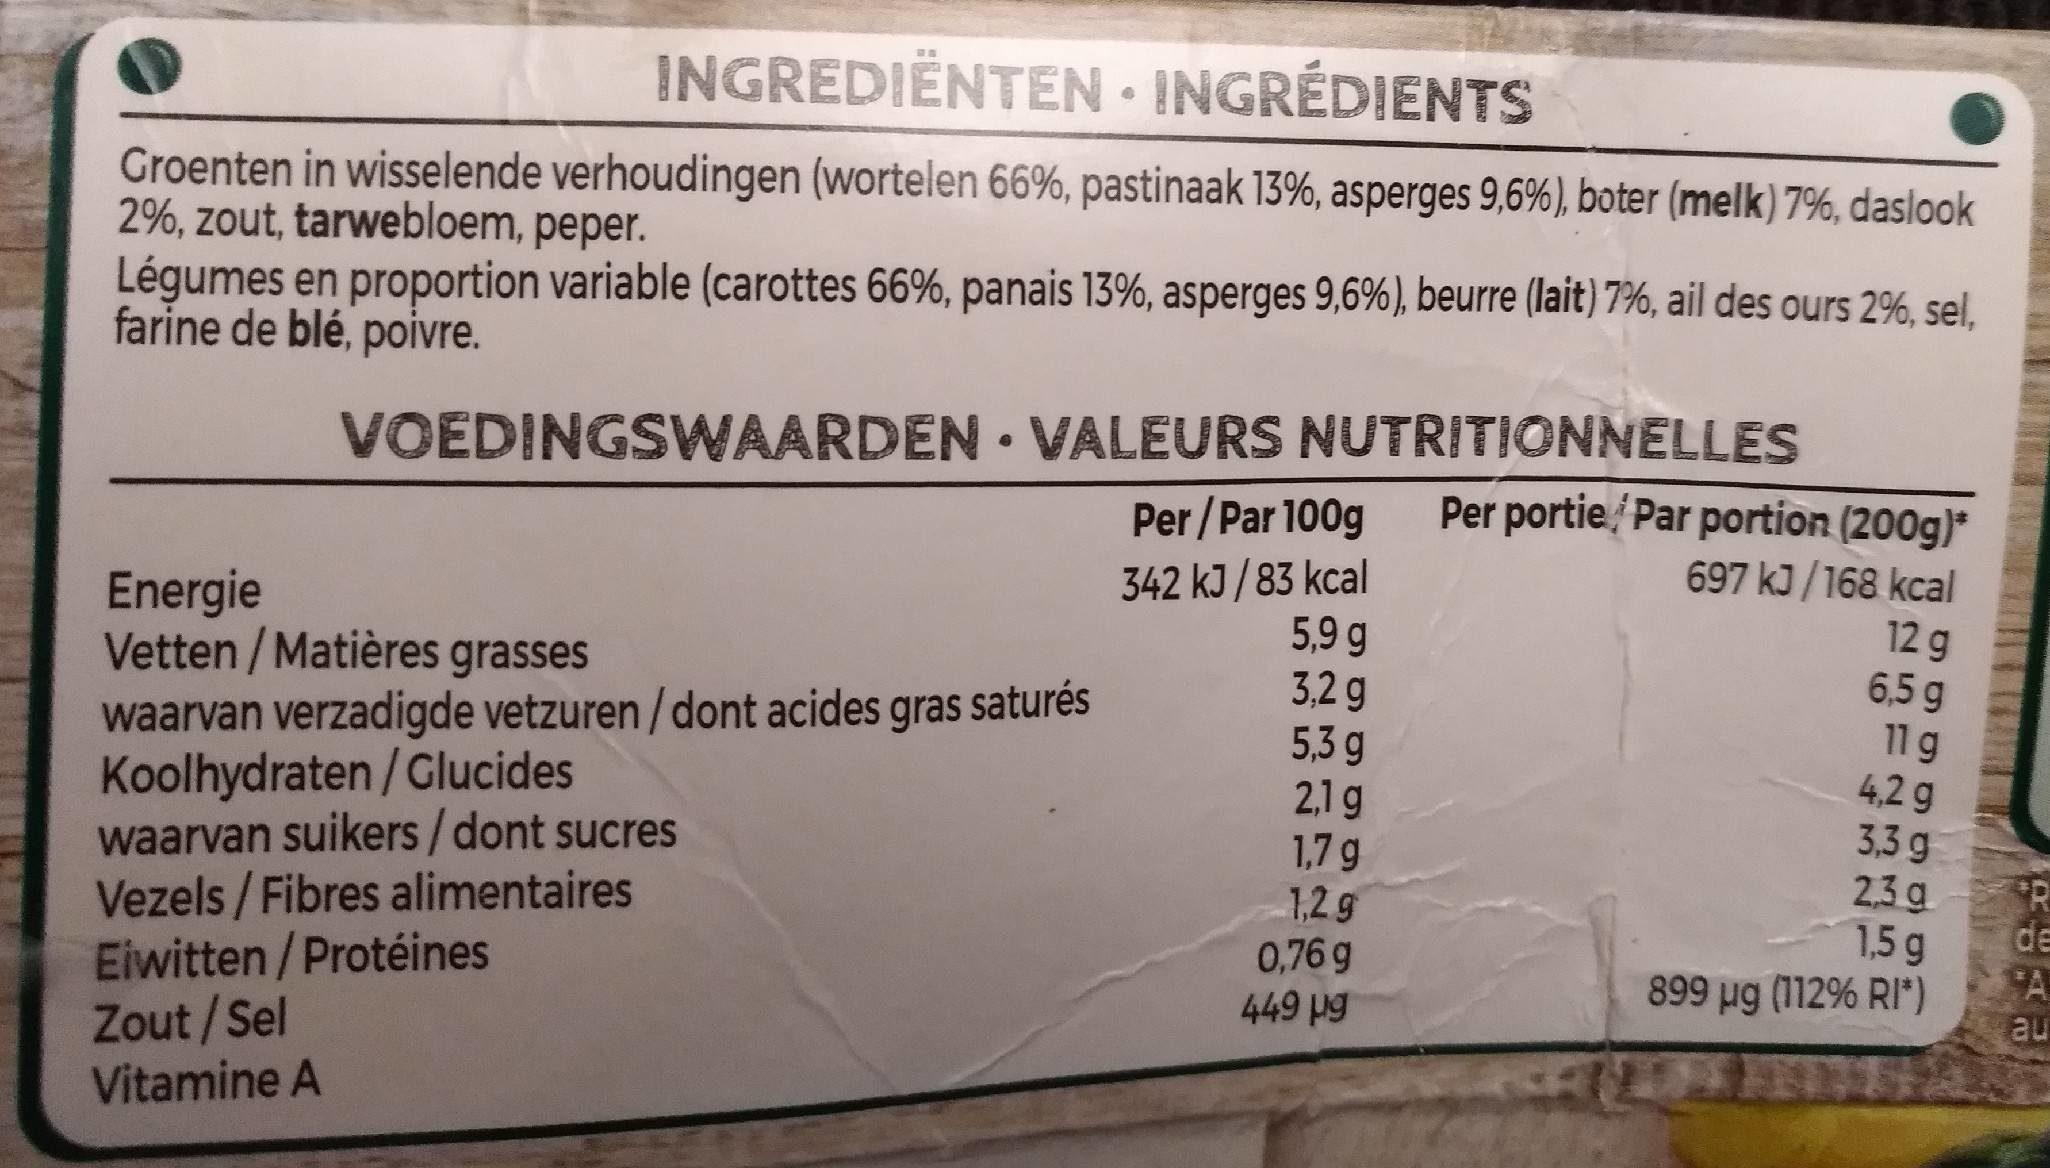 Mix panais&asperges - Ingrediënten - en